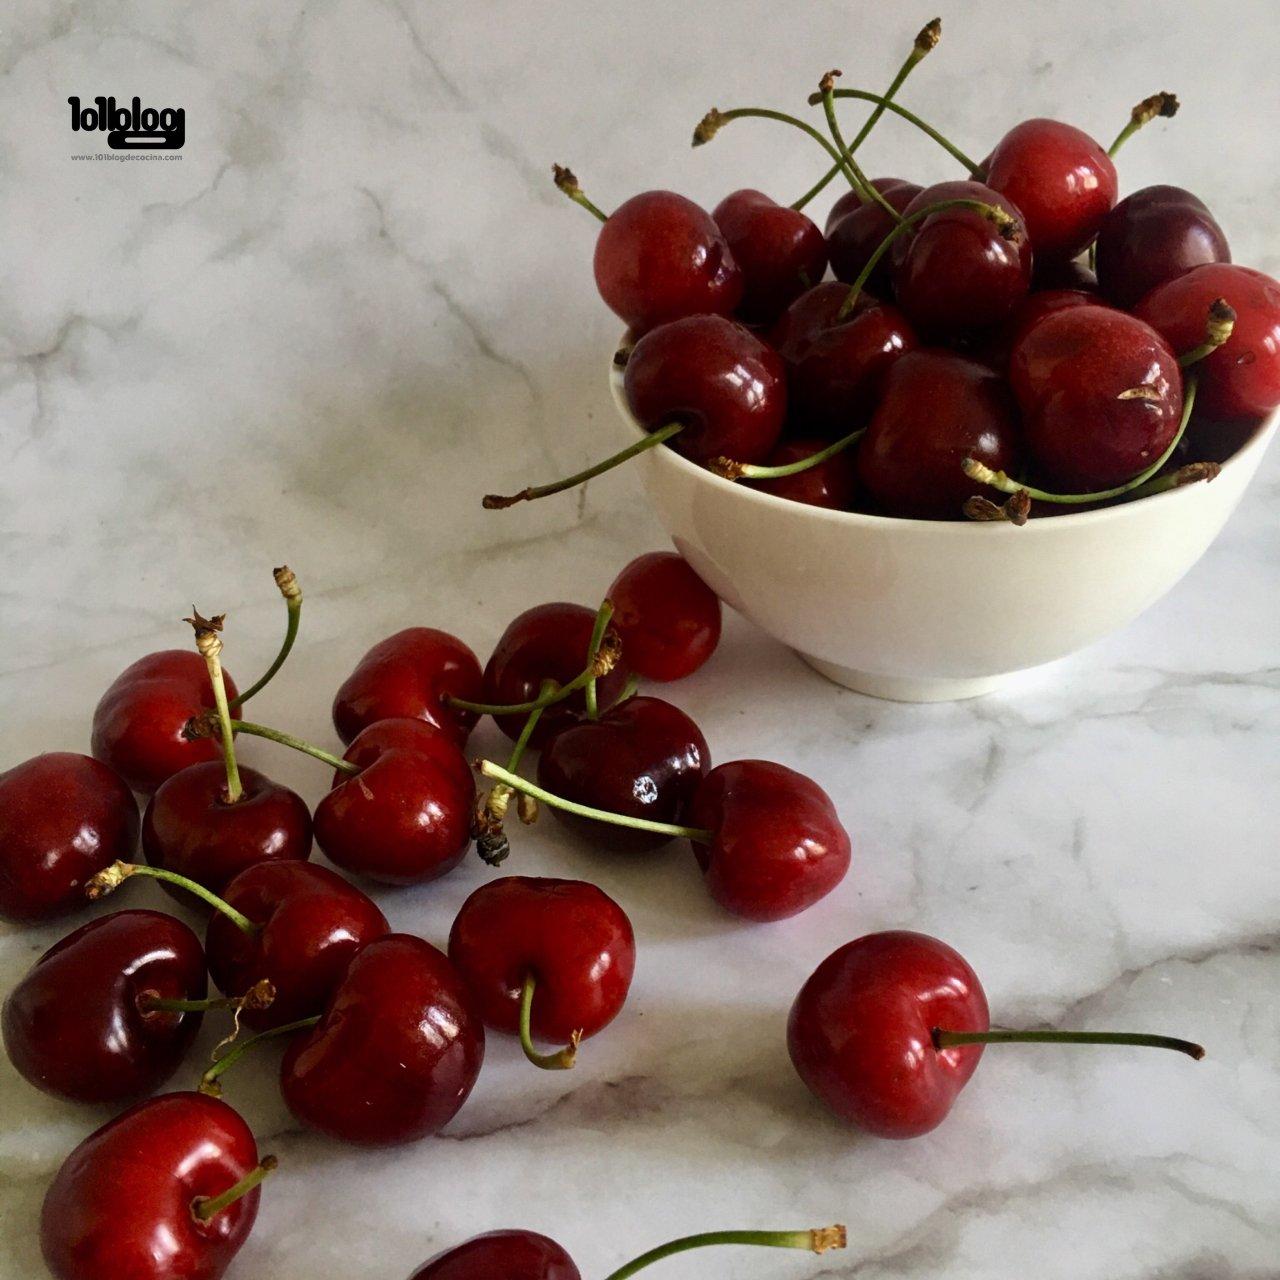 ¿Cómo se conservan las cerezas?